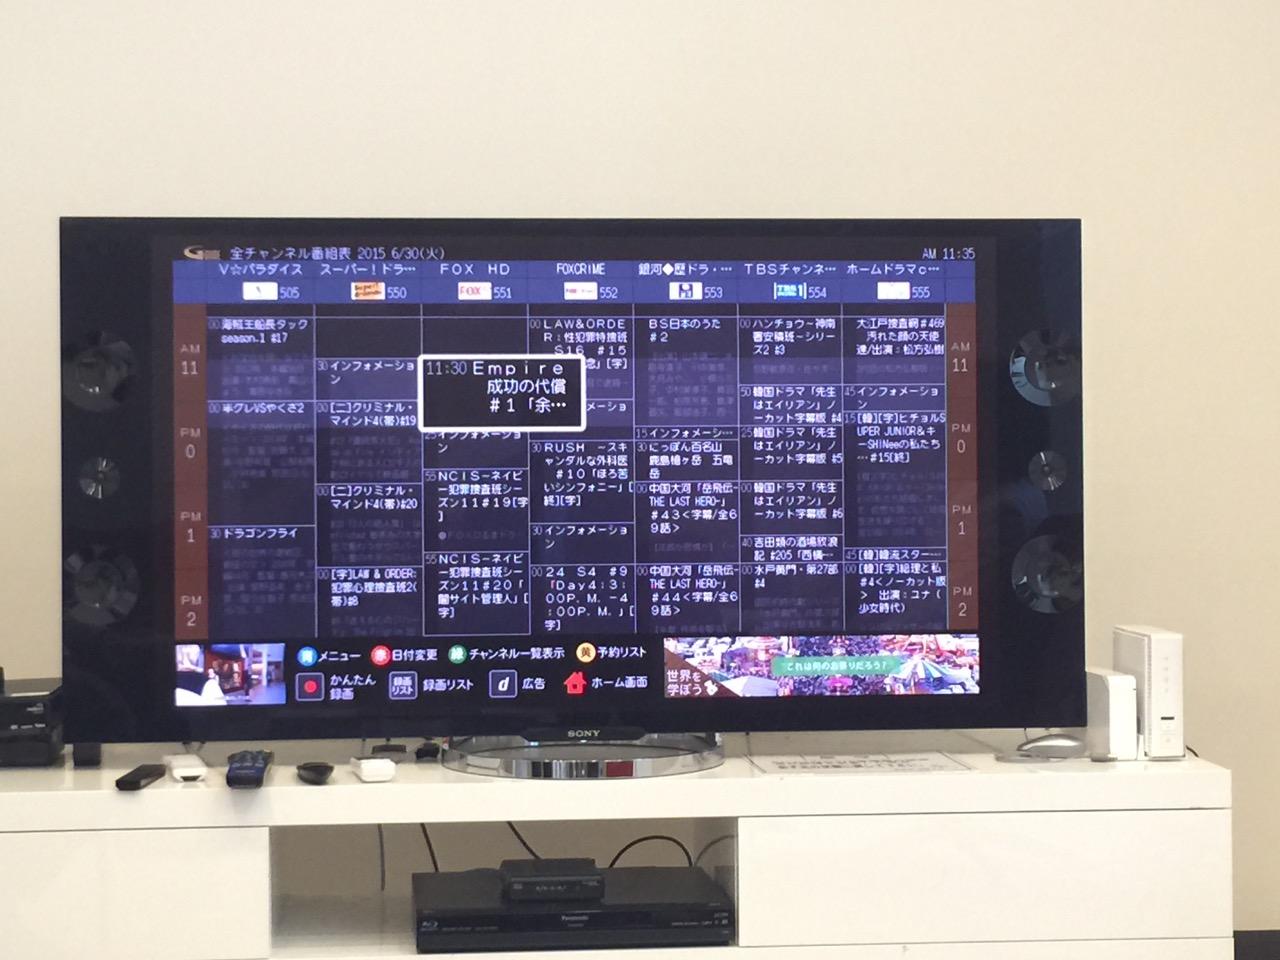 テレビはネットに出て、もういちどテレビに戻る〜Smart J:COM Boxの取材から〜